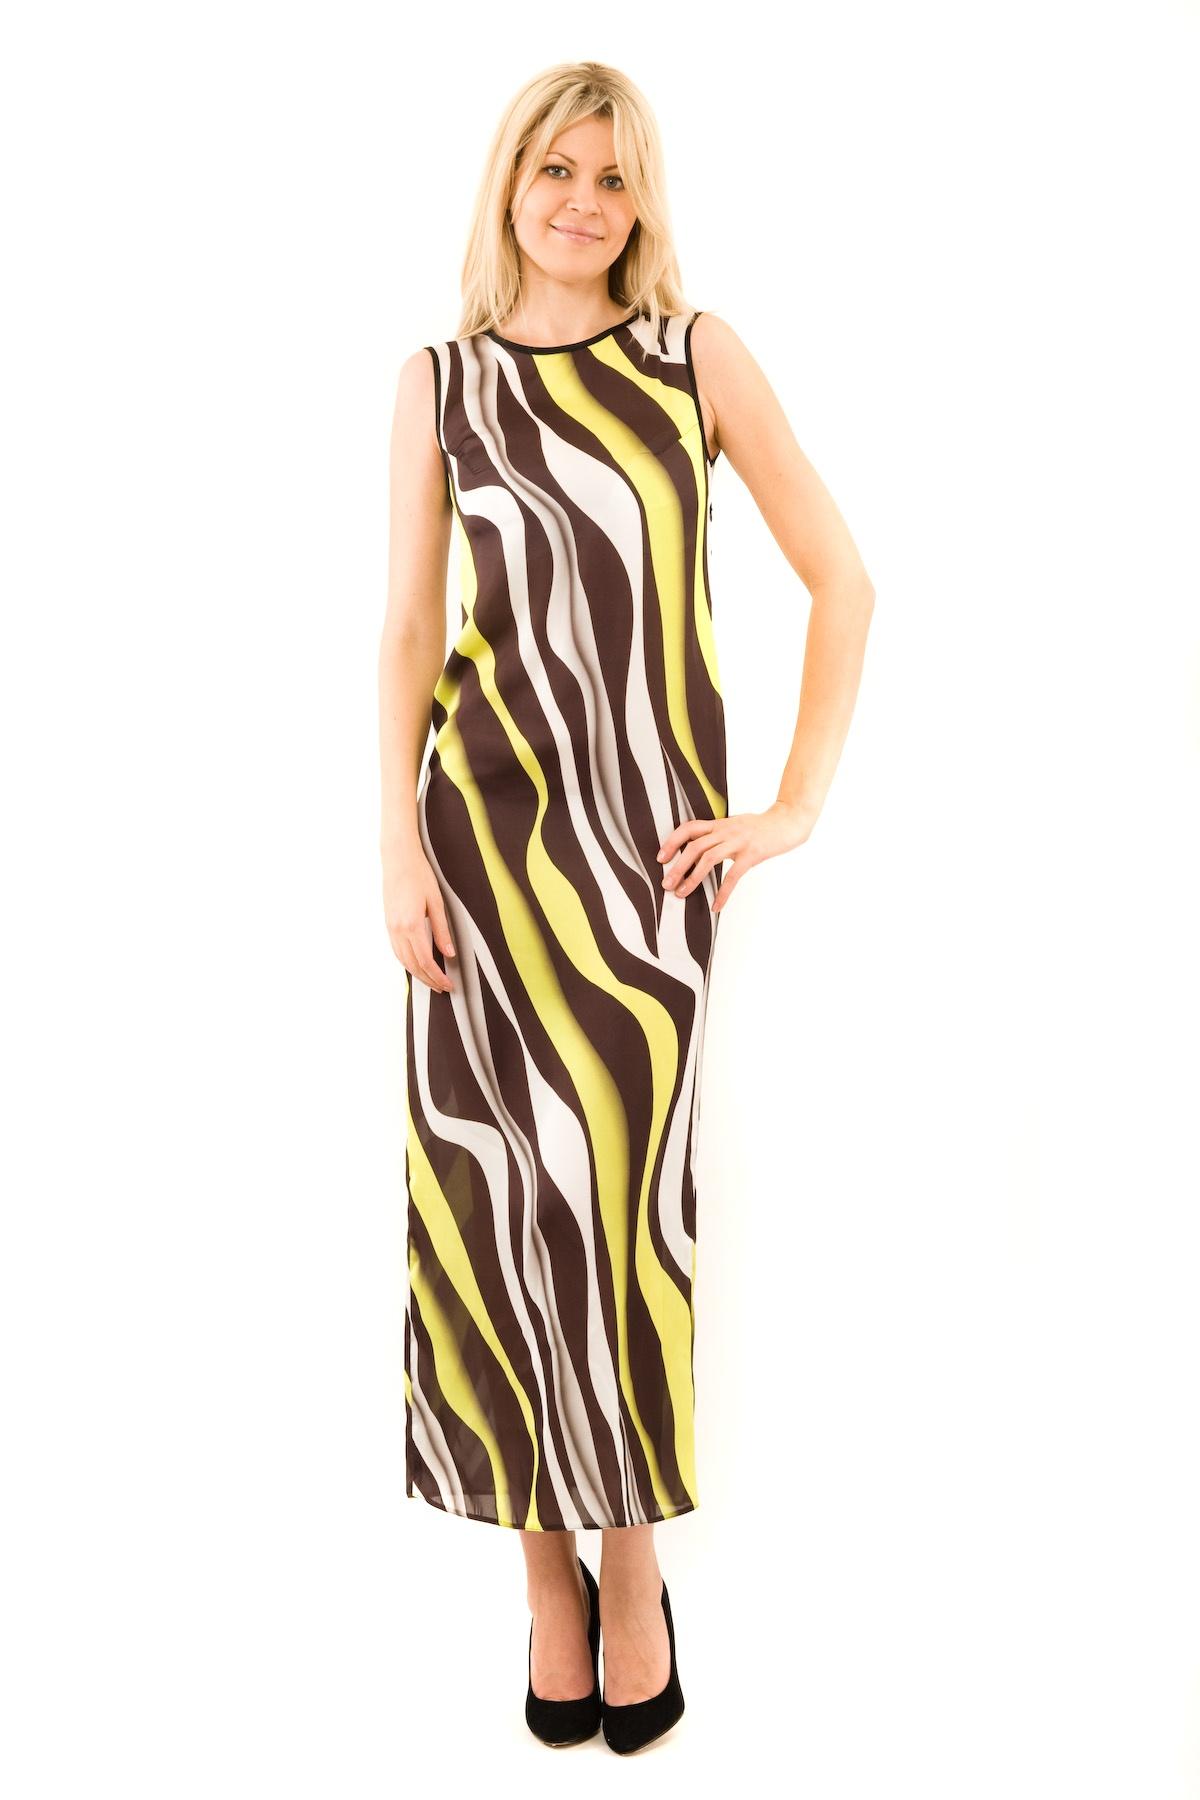 ПлатьеПлатья,  сарафаны<br>Великолепное платье-макси с дизайнерским принтом выполнено в стиле color blocking. Модель с округлым вырезом горловины. Спинка, лиф и рукава выполнены из прозрачного материала. От этого платья просто невозможно отвести глаз. Позвольте себе быть единственн<br><br>Цвет: черный,белый,желтый<br>Состав: 100 % полиэстер<br>Размер: 42,44,46<br>Страна дизайна: Россия<br>Страна производства: Россия